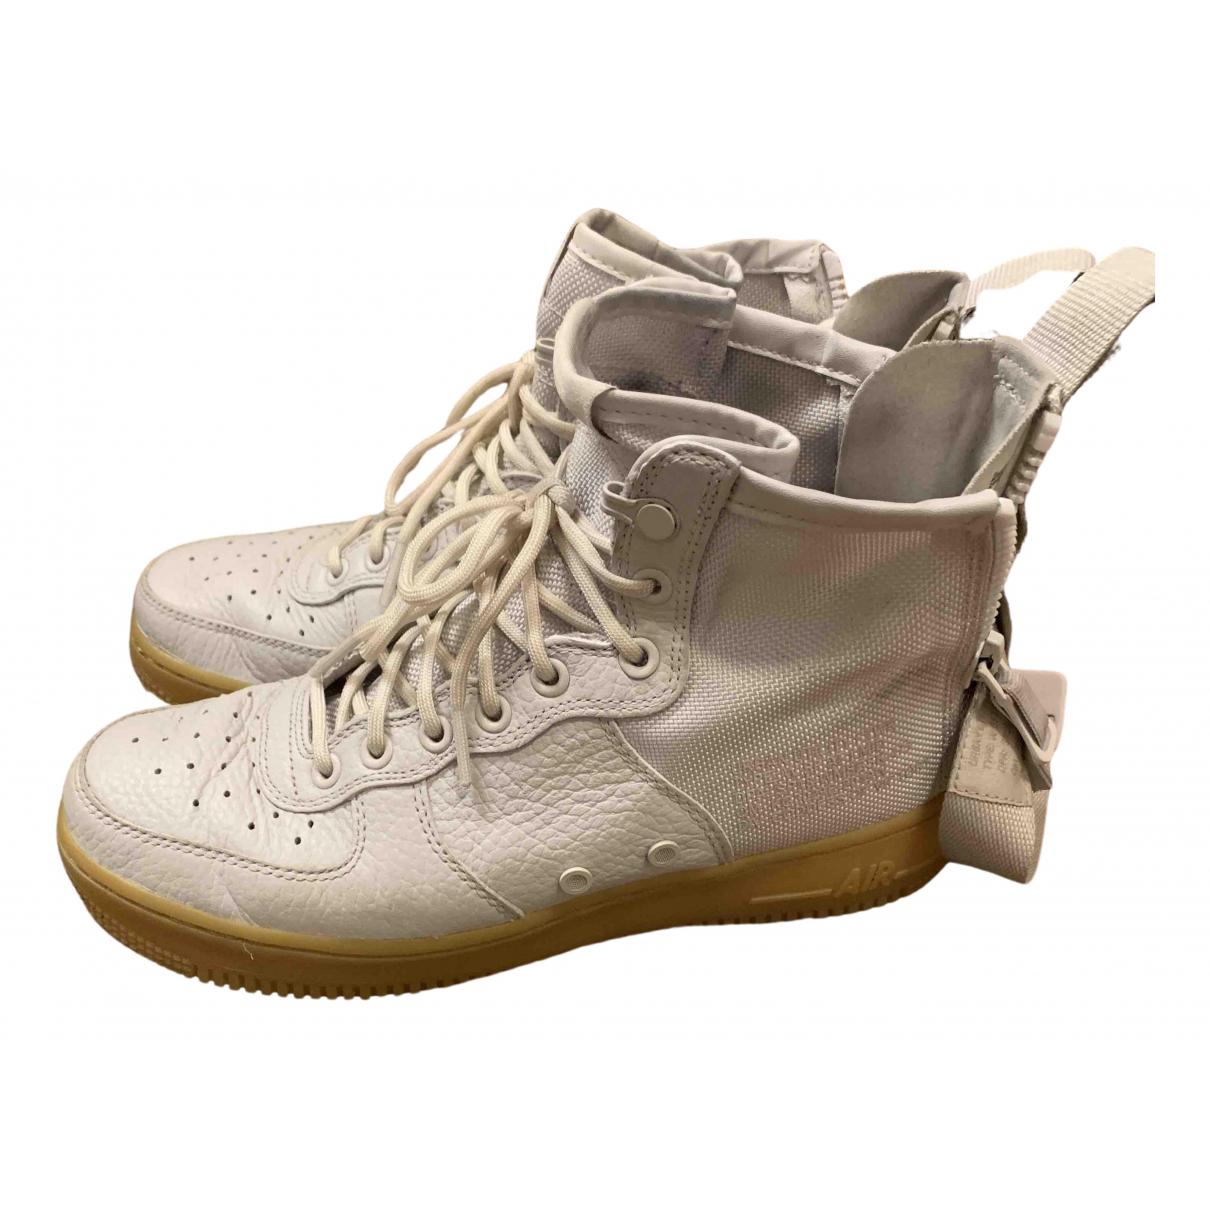 Nike SF Air Force 1 Sneakers in Leder